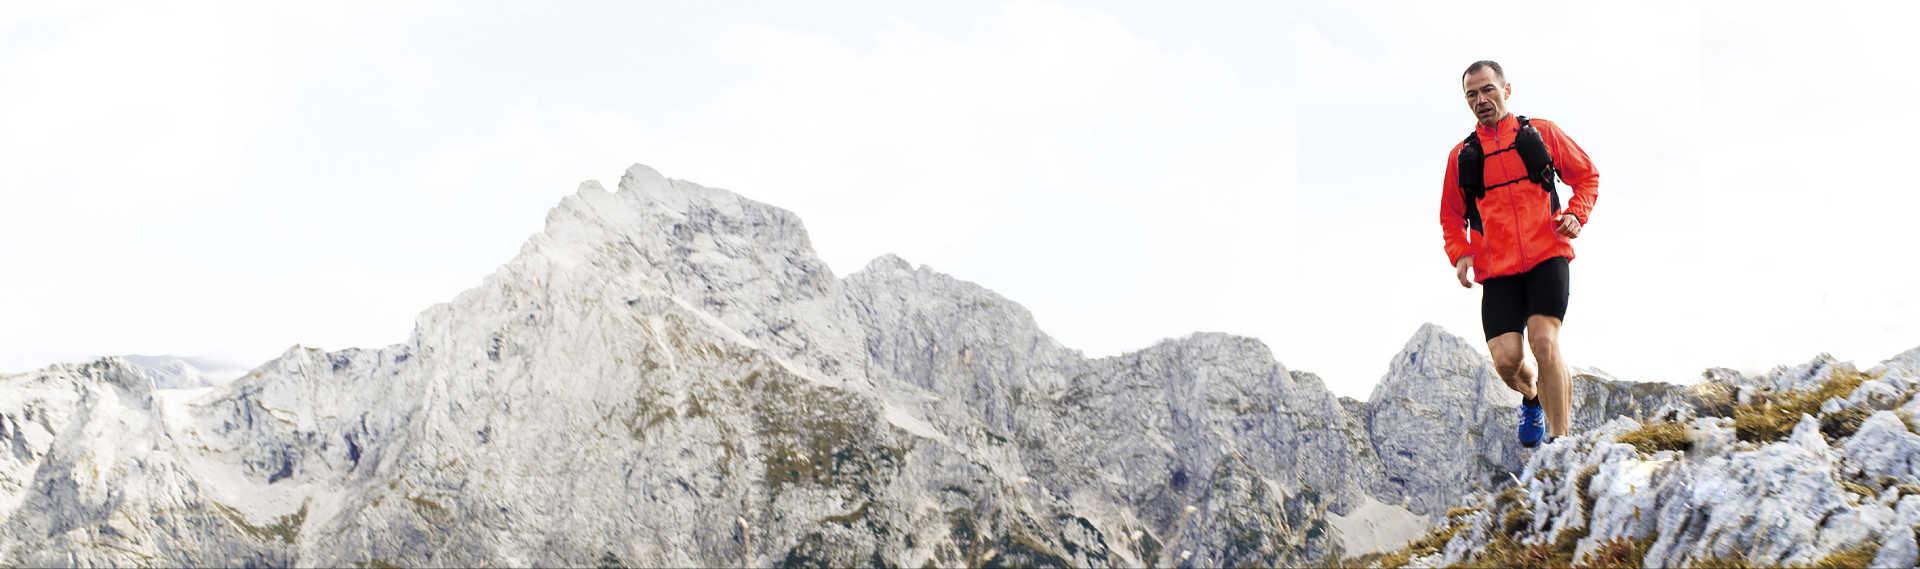 بطارية تدوم لمدة أسبوعين، سافر دون قيود  نقدم لك أول هيكل مزدوج الشرائح بتصميم جديد يوفرعمر بطارية يدوم لمدة أسبوعين من أجل مواكبة حياتك اليومية أينما تذهب.